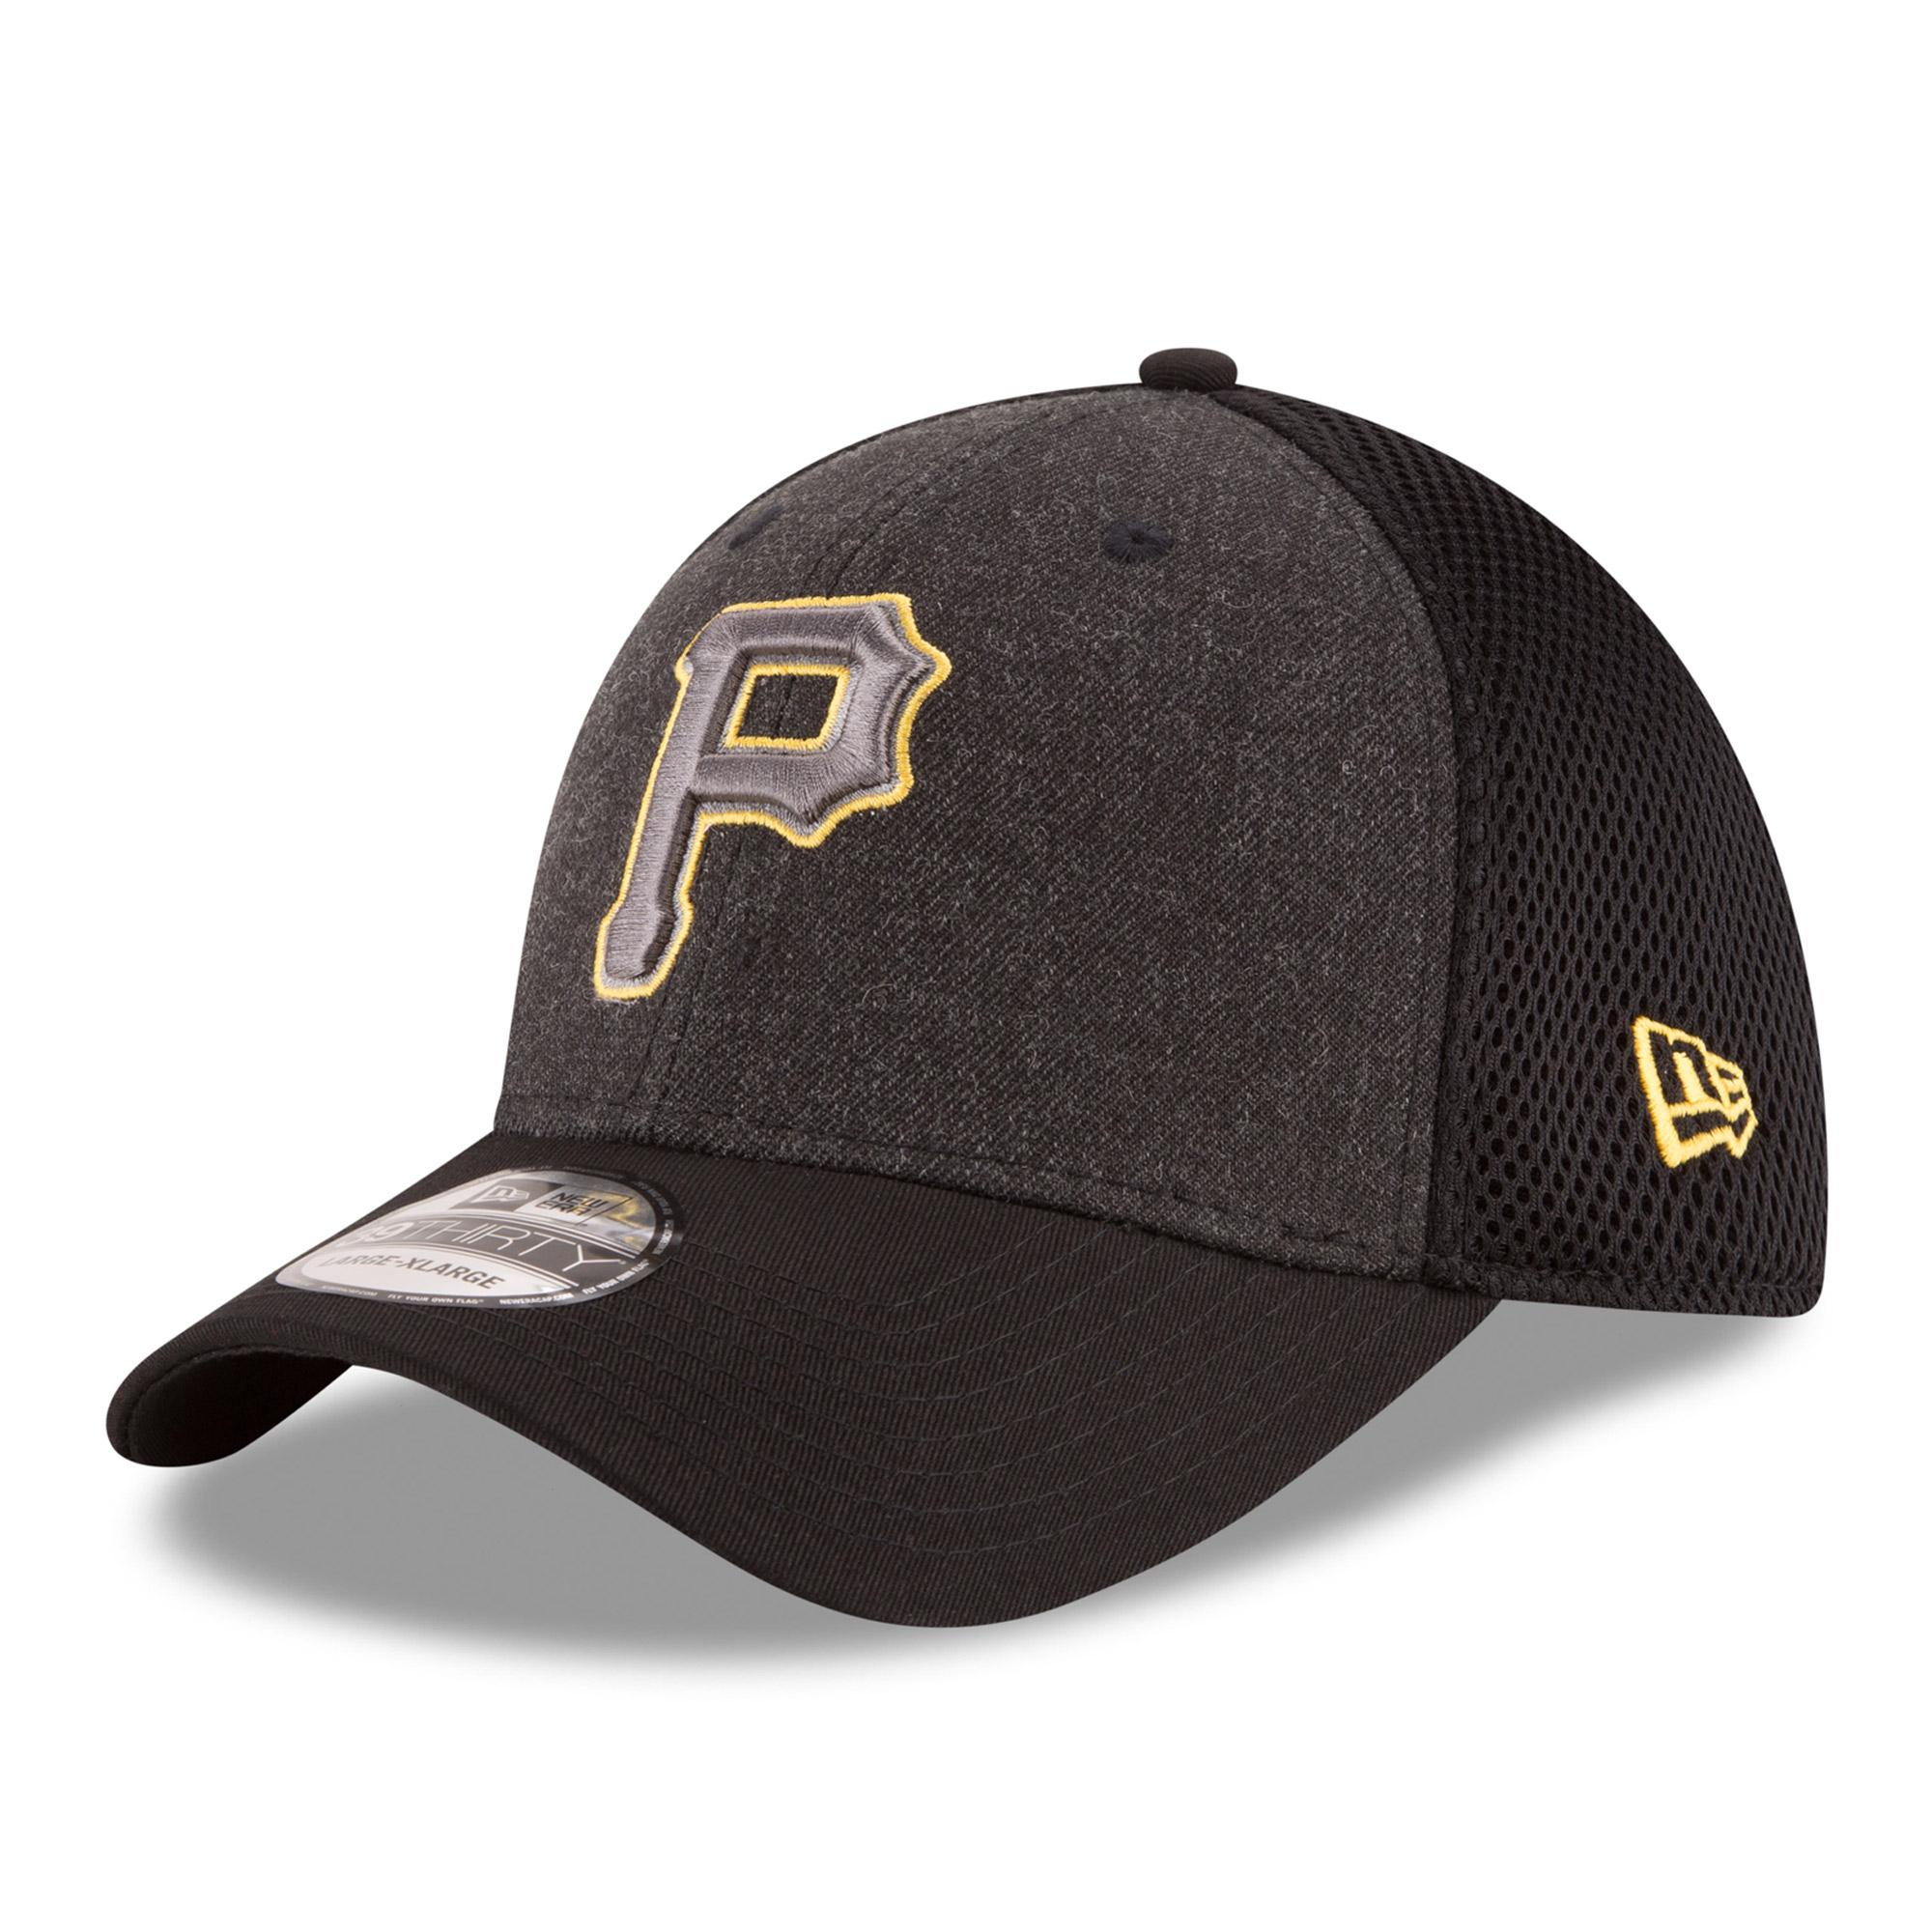 Pittsburgh Pirates New Era Neo 39THIRTY Flex Hat - Heathered Gray/Black